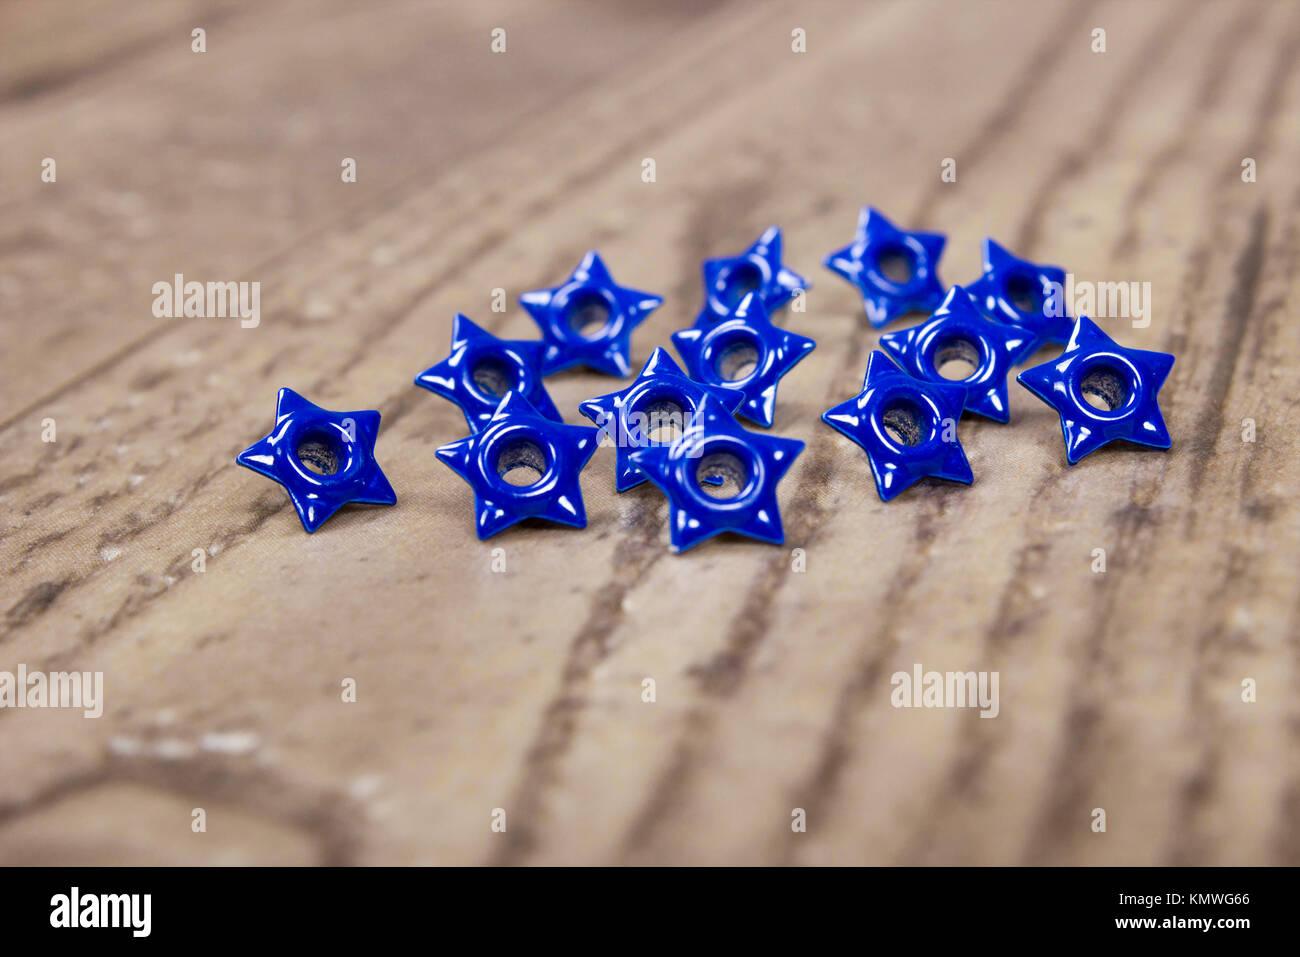 Close up de texture et de détail ou de blue star pose oeillets sur wood grain-de-chaussée Photo Stock